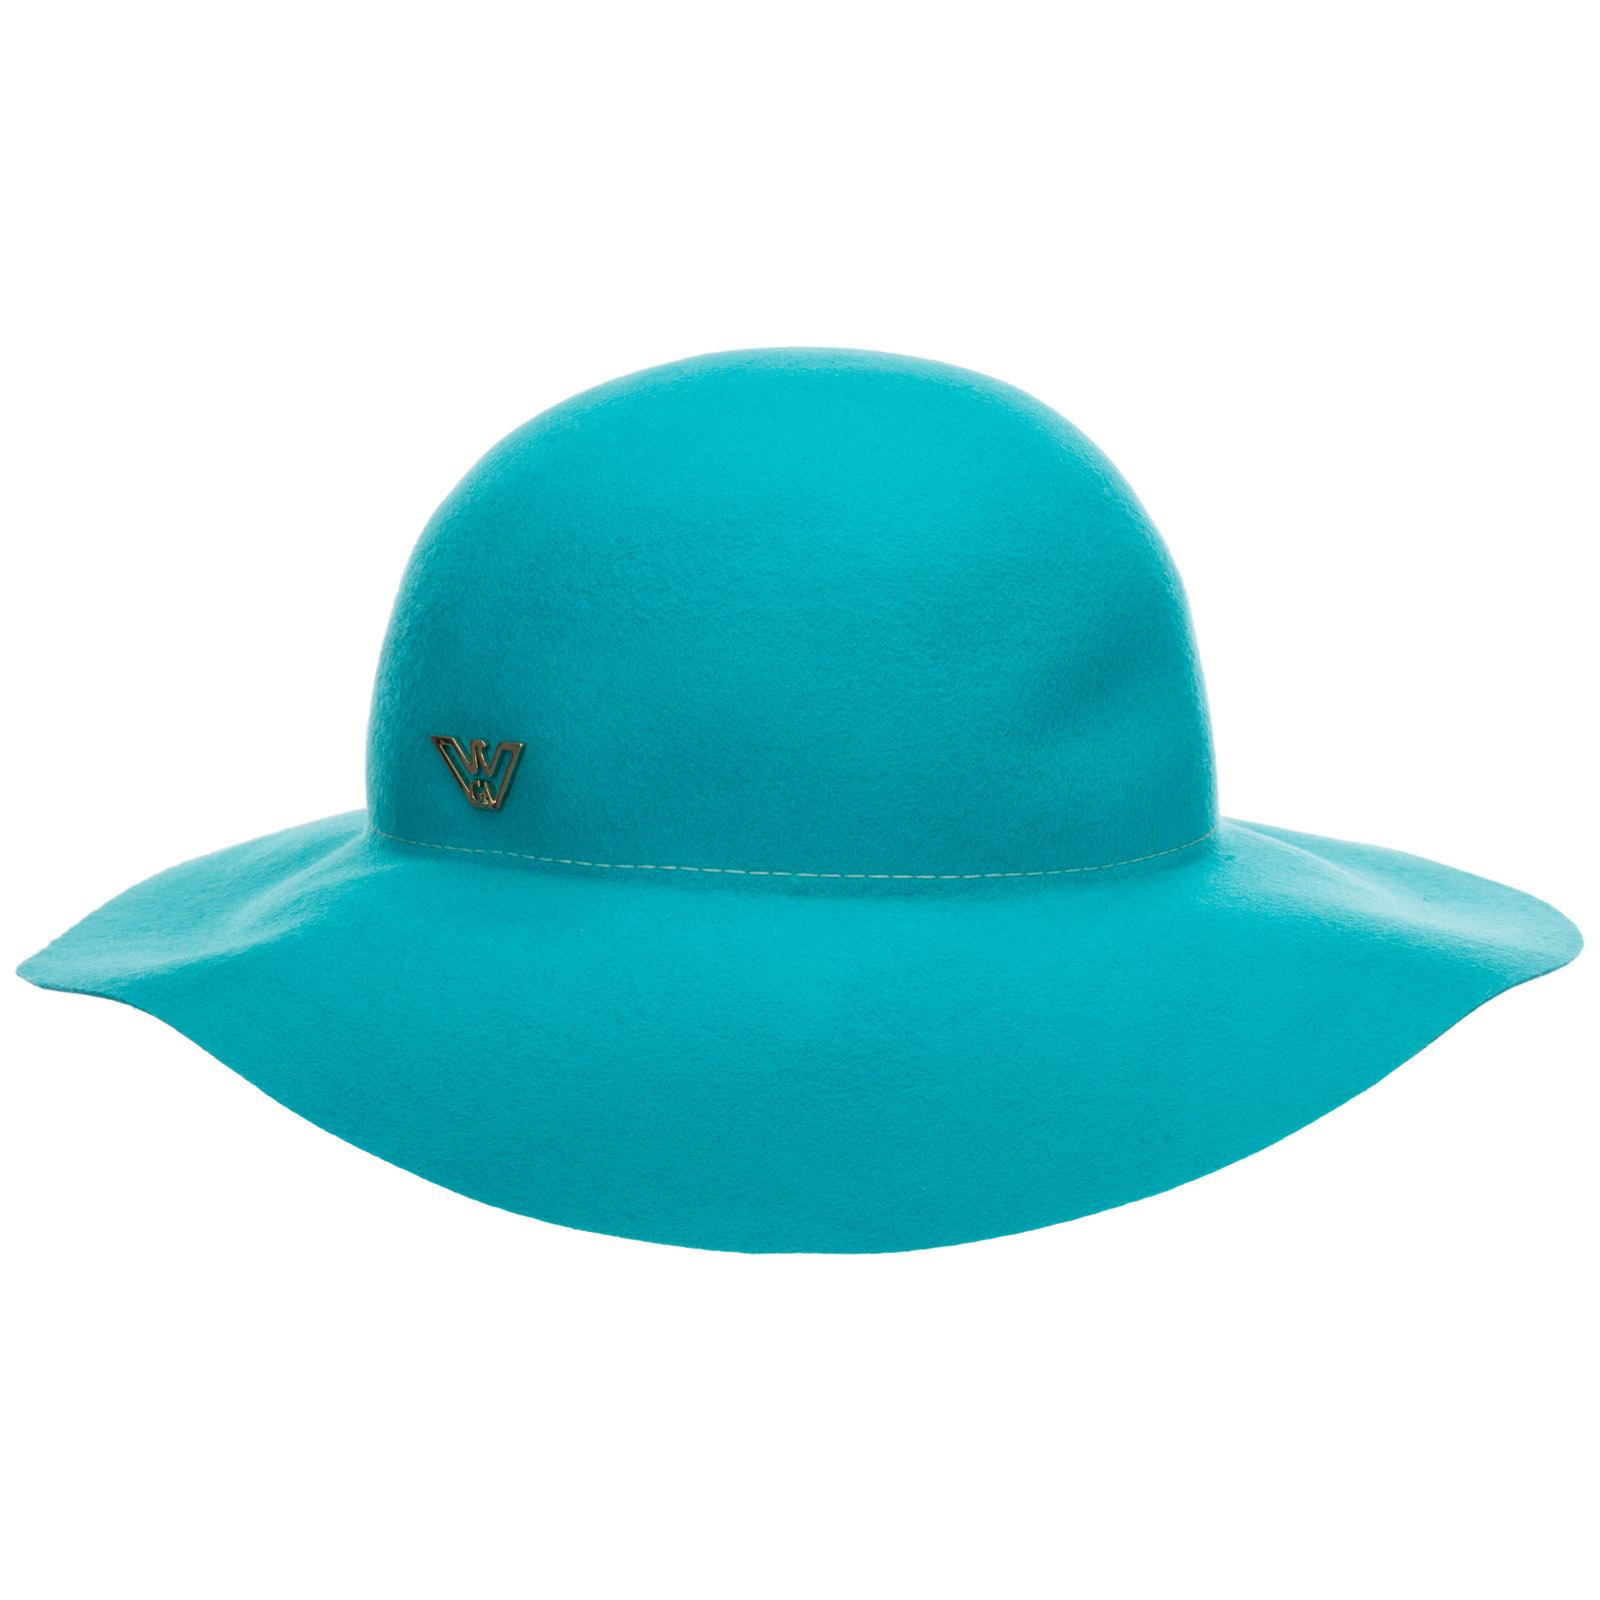 Emporio Armani WOMEN'S HAT